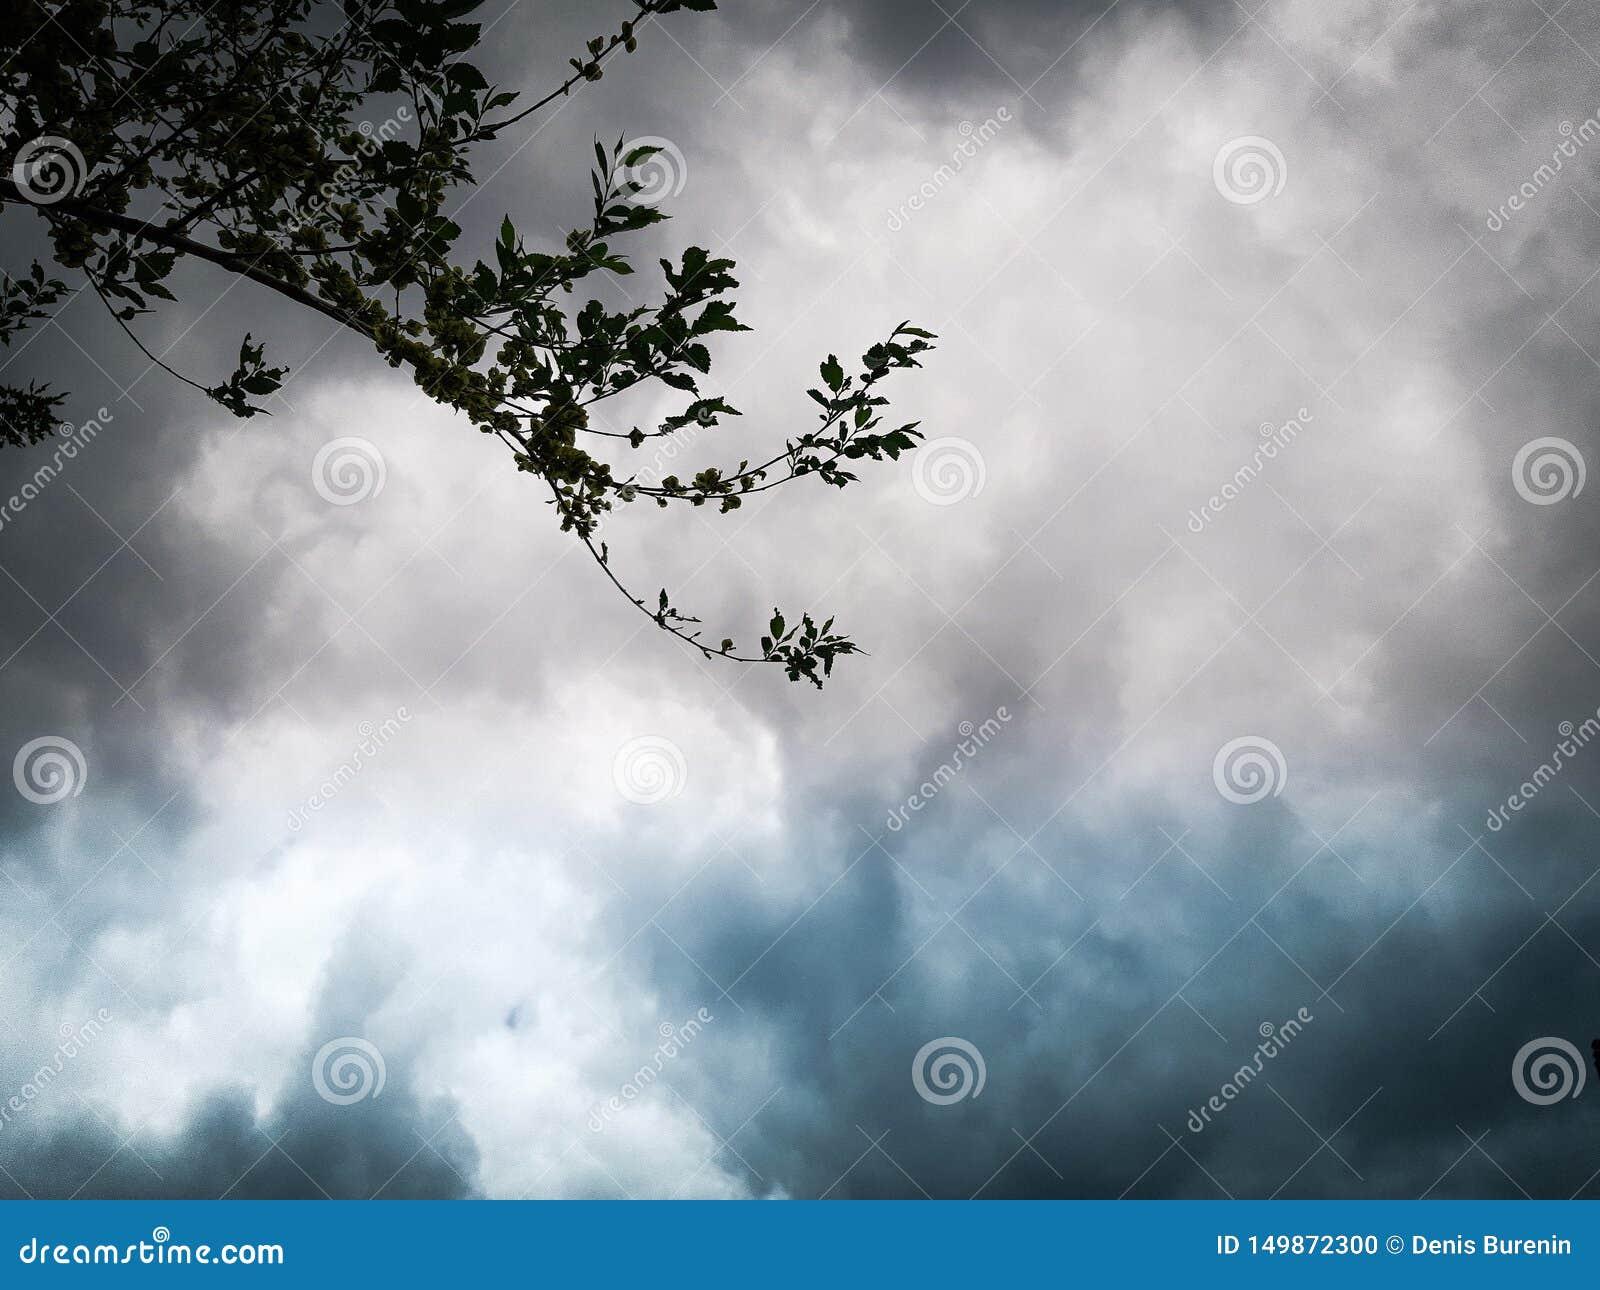 Bakgrundsbild, härliga kulöra moln och att fatta